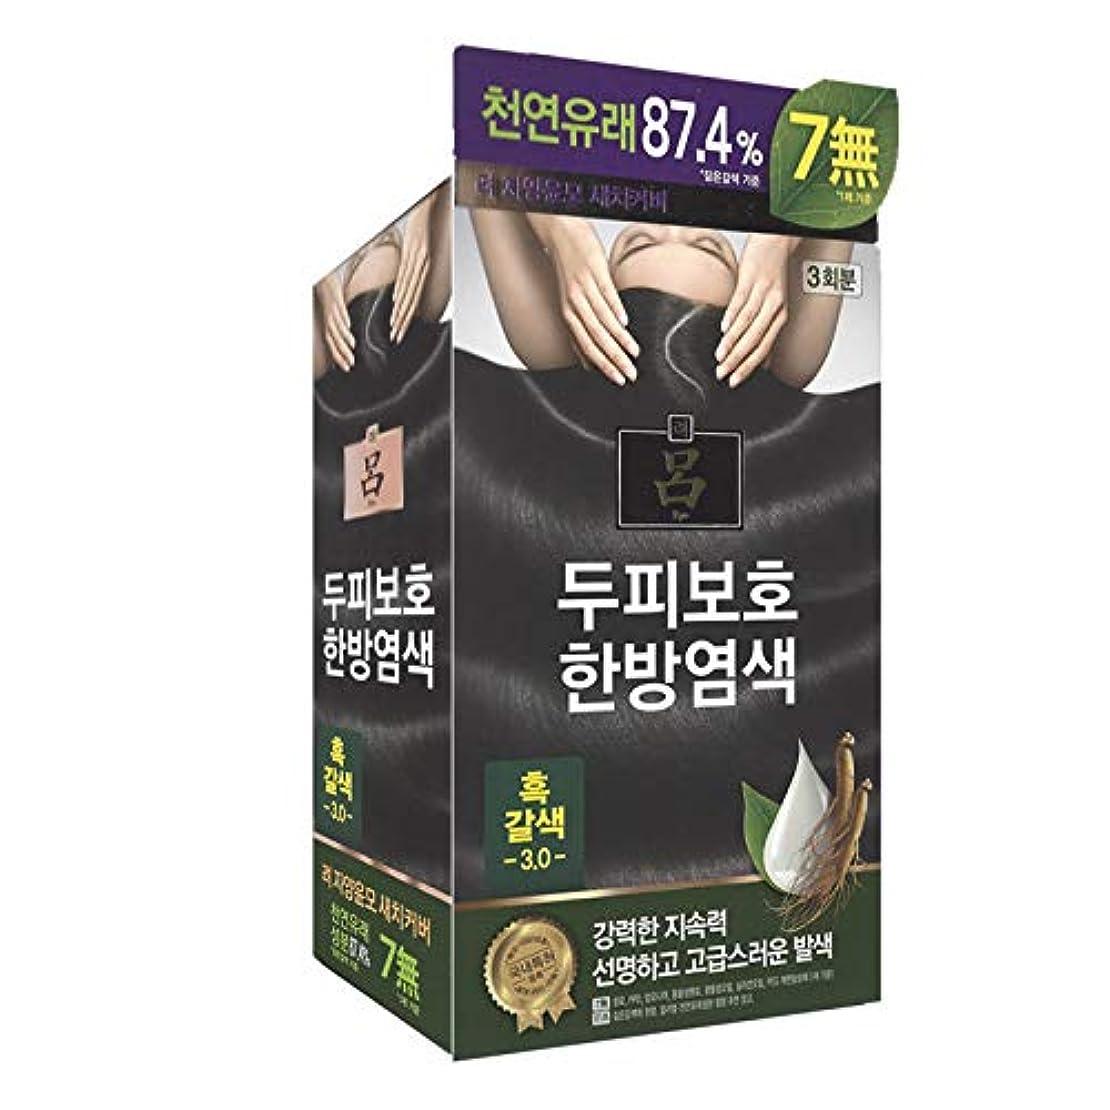 被害者従事した告白アモーレパシフィック呂[AMOREPACIFIC/Ryo] Jayang Yunmoグレーヘアカバー 3.0 黒褐色(Blackish Brown)